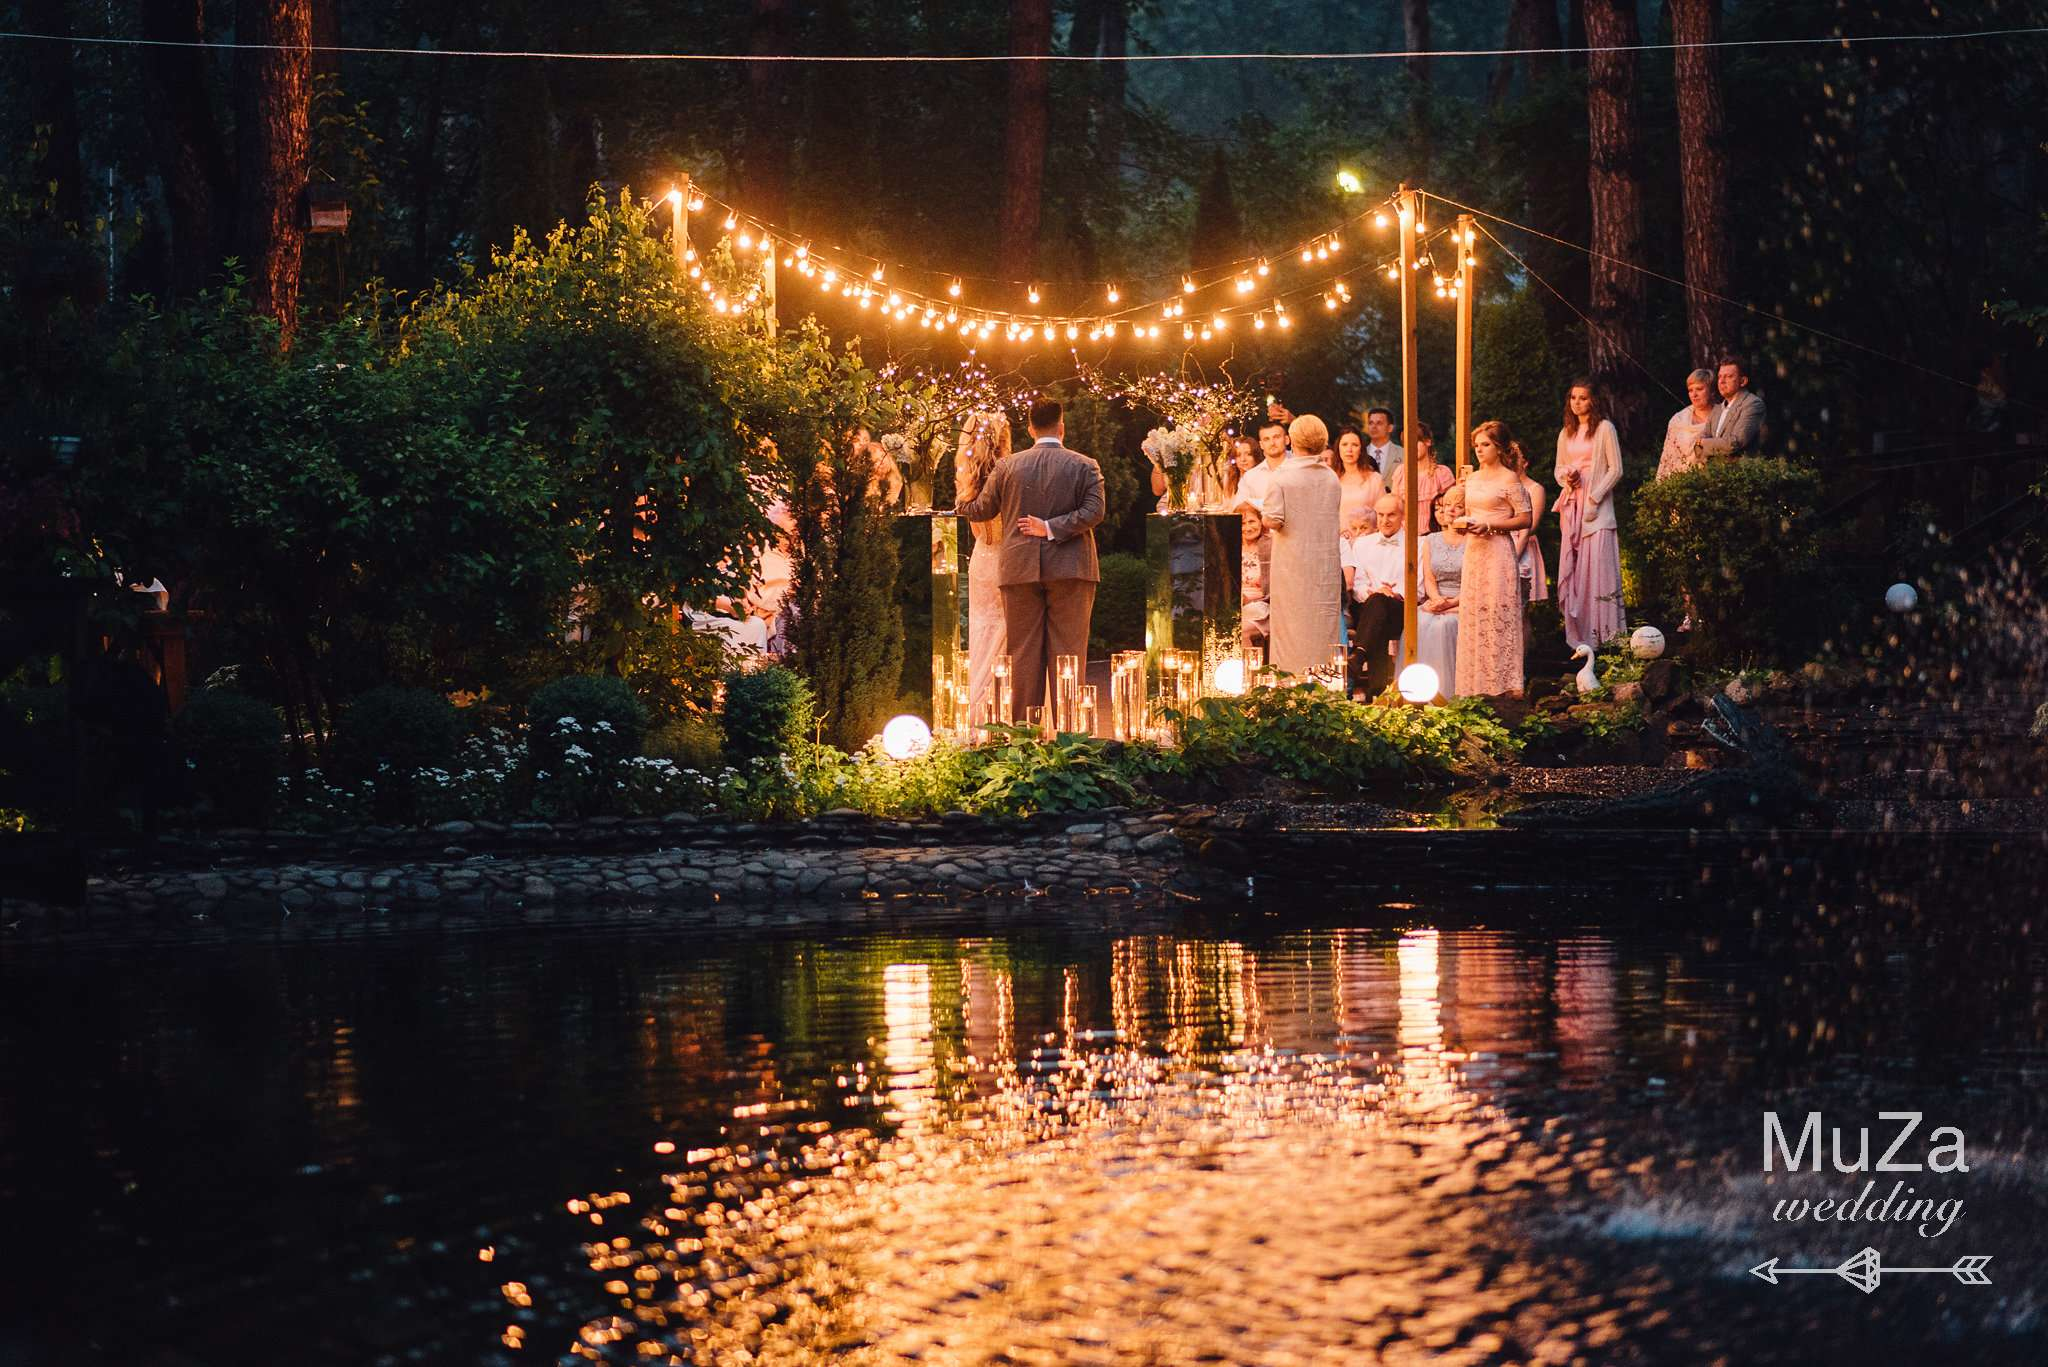 ночная церемония от MuZa-wedding